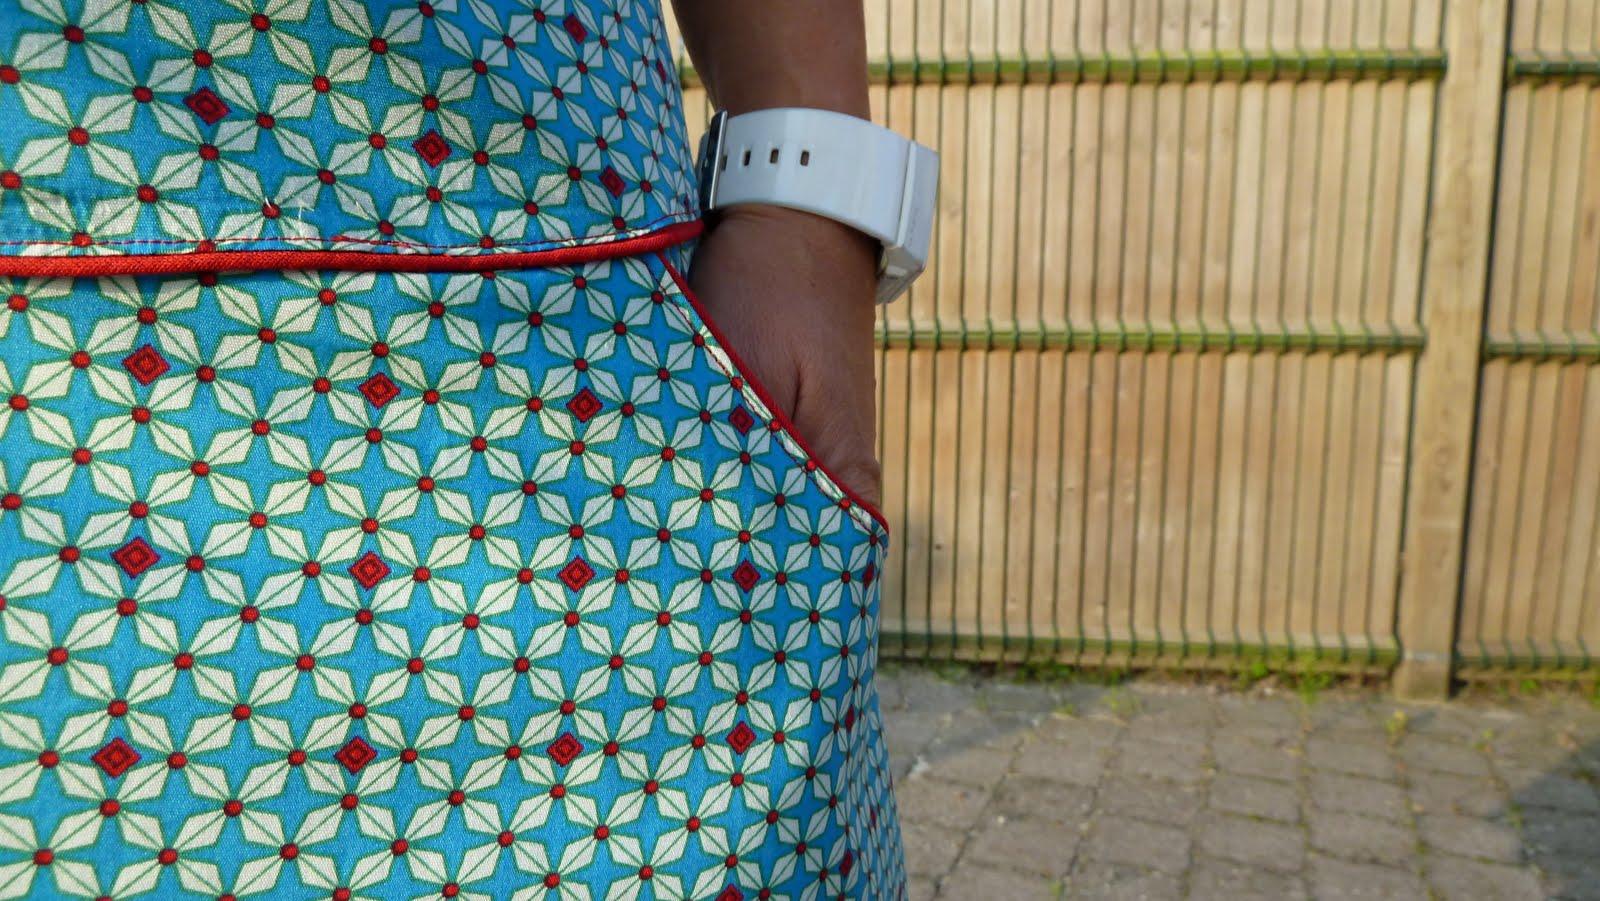 rok met zakken